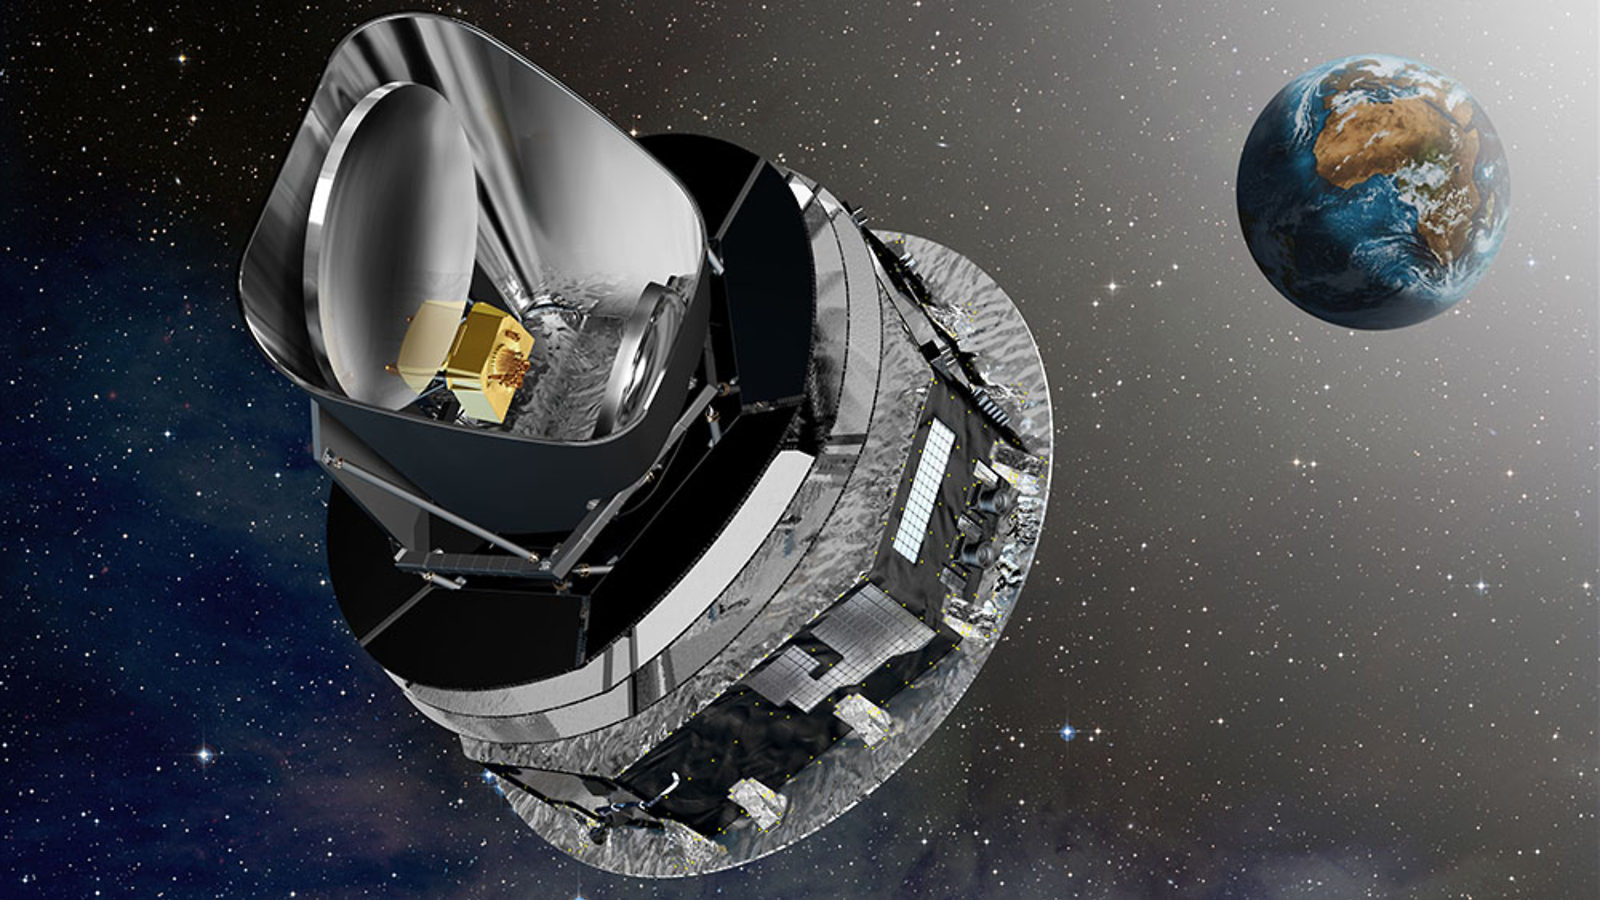 Image: Planck cruising to L2